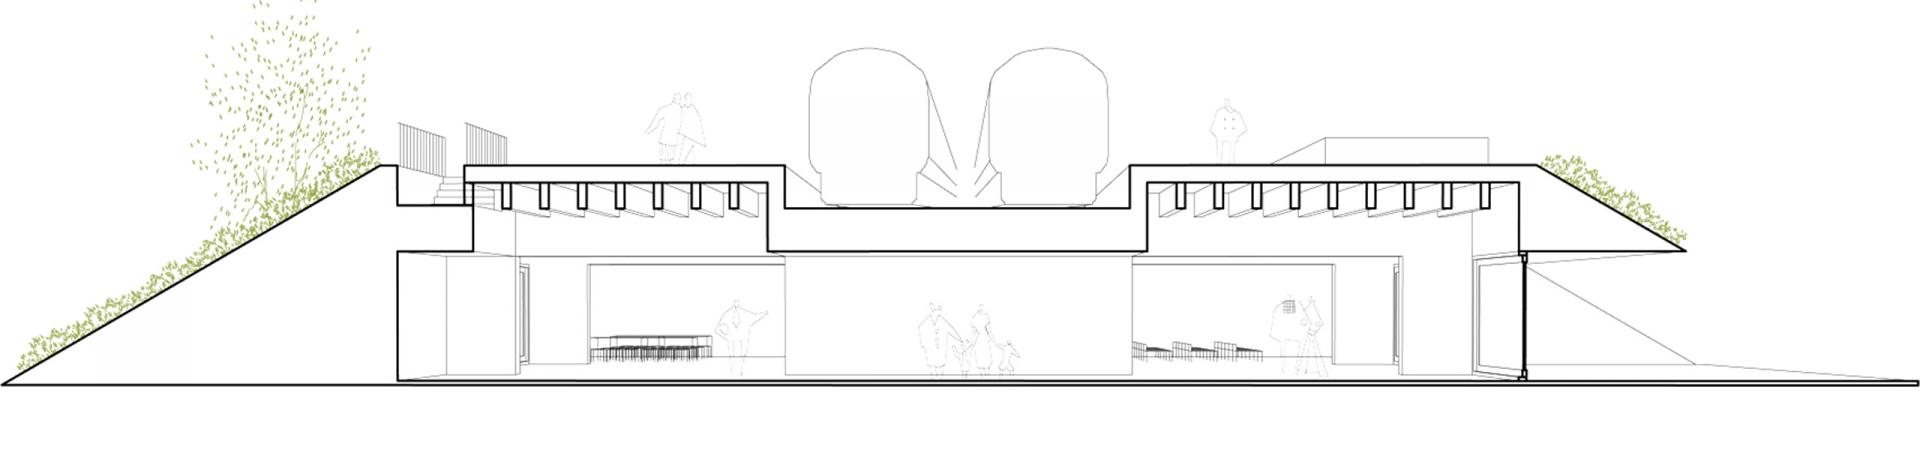 Oostvaarders Section 4